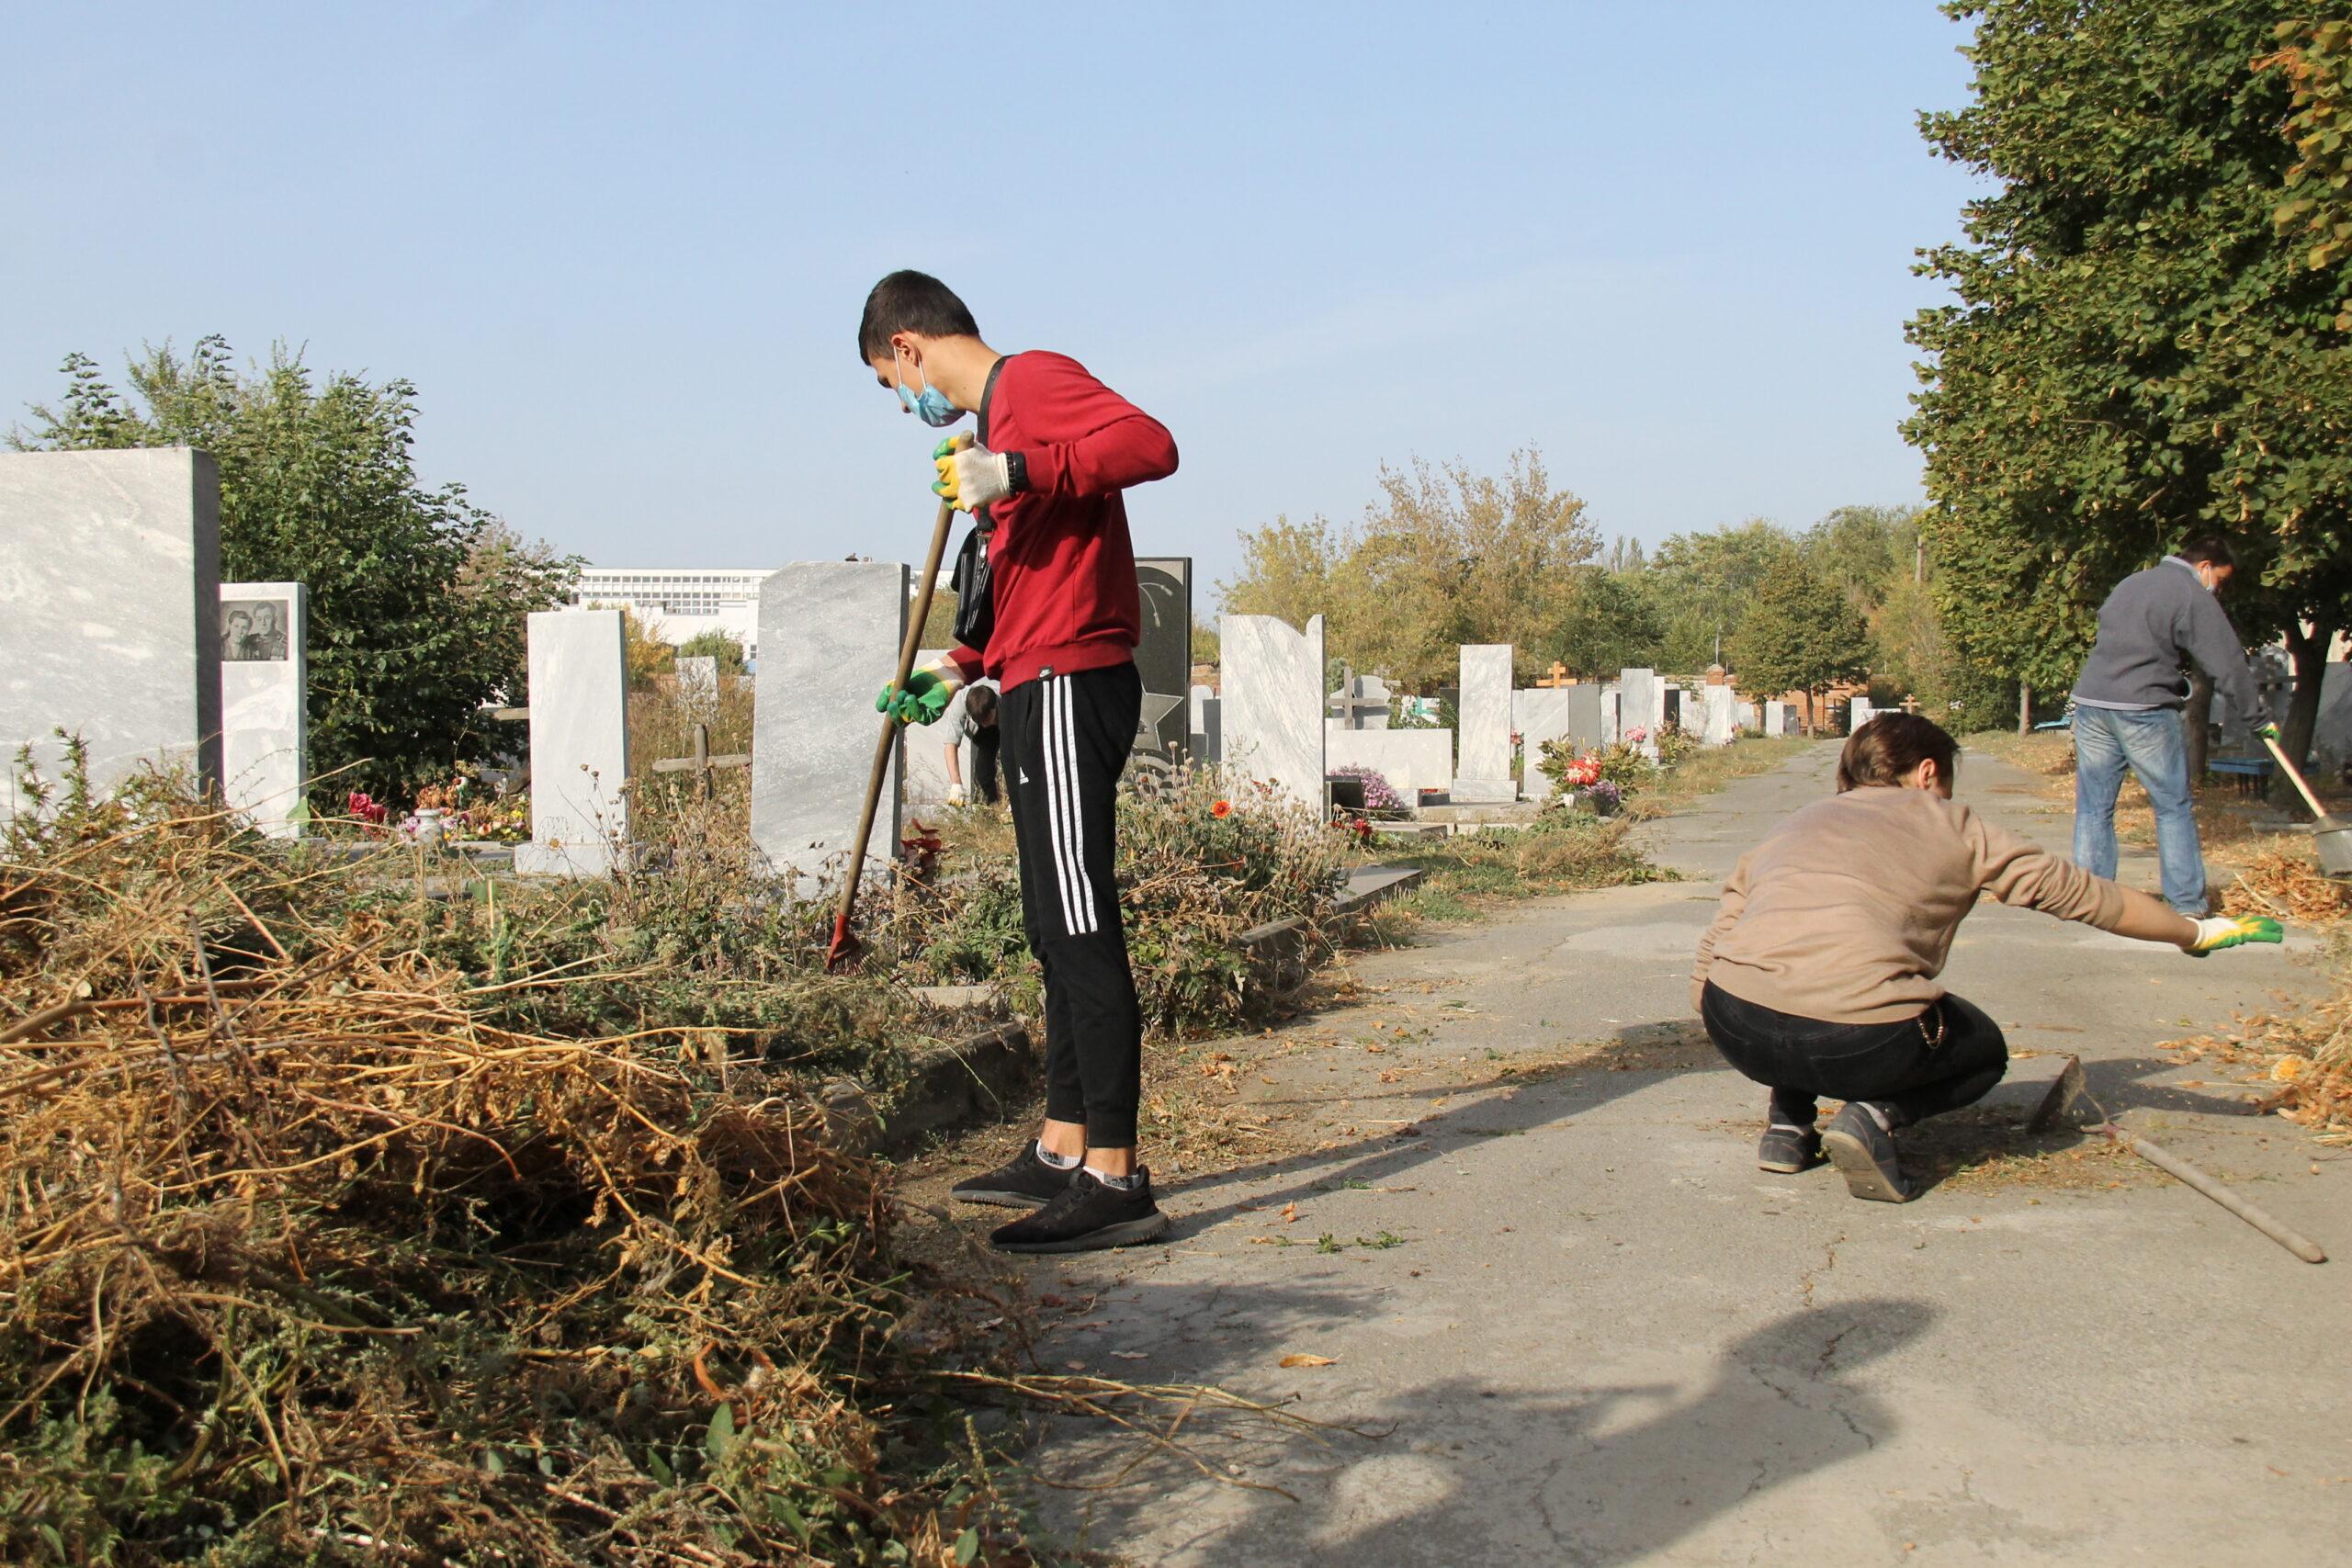 Во время месячника чистоты в Азове особое внимание уделят уборке кладбища